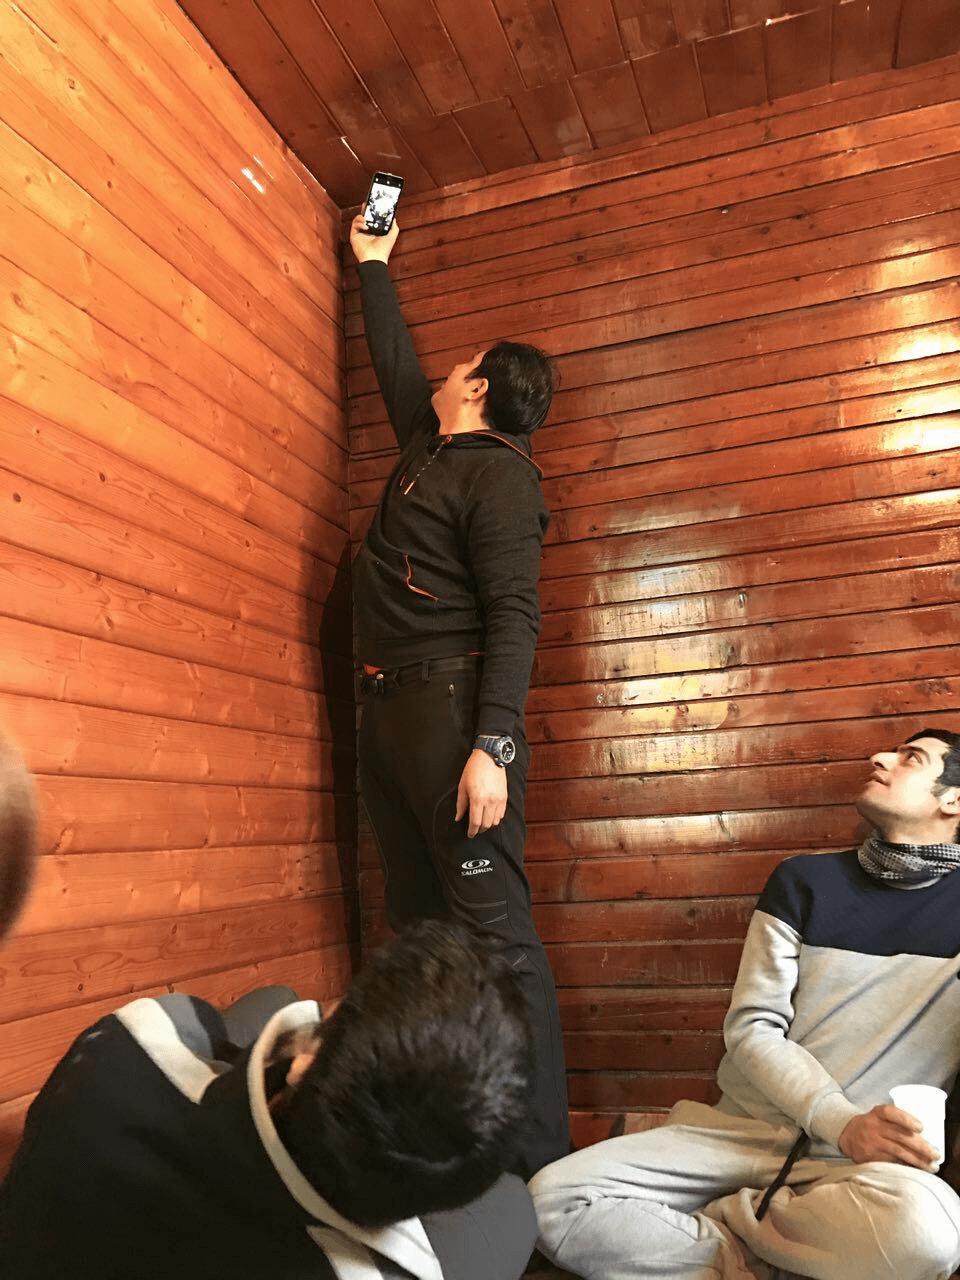 مهدی پارسا - عکس از س�ر به ماسال ۹۵ - Mehdi Parsa Masal trip